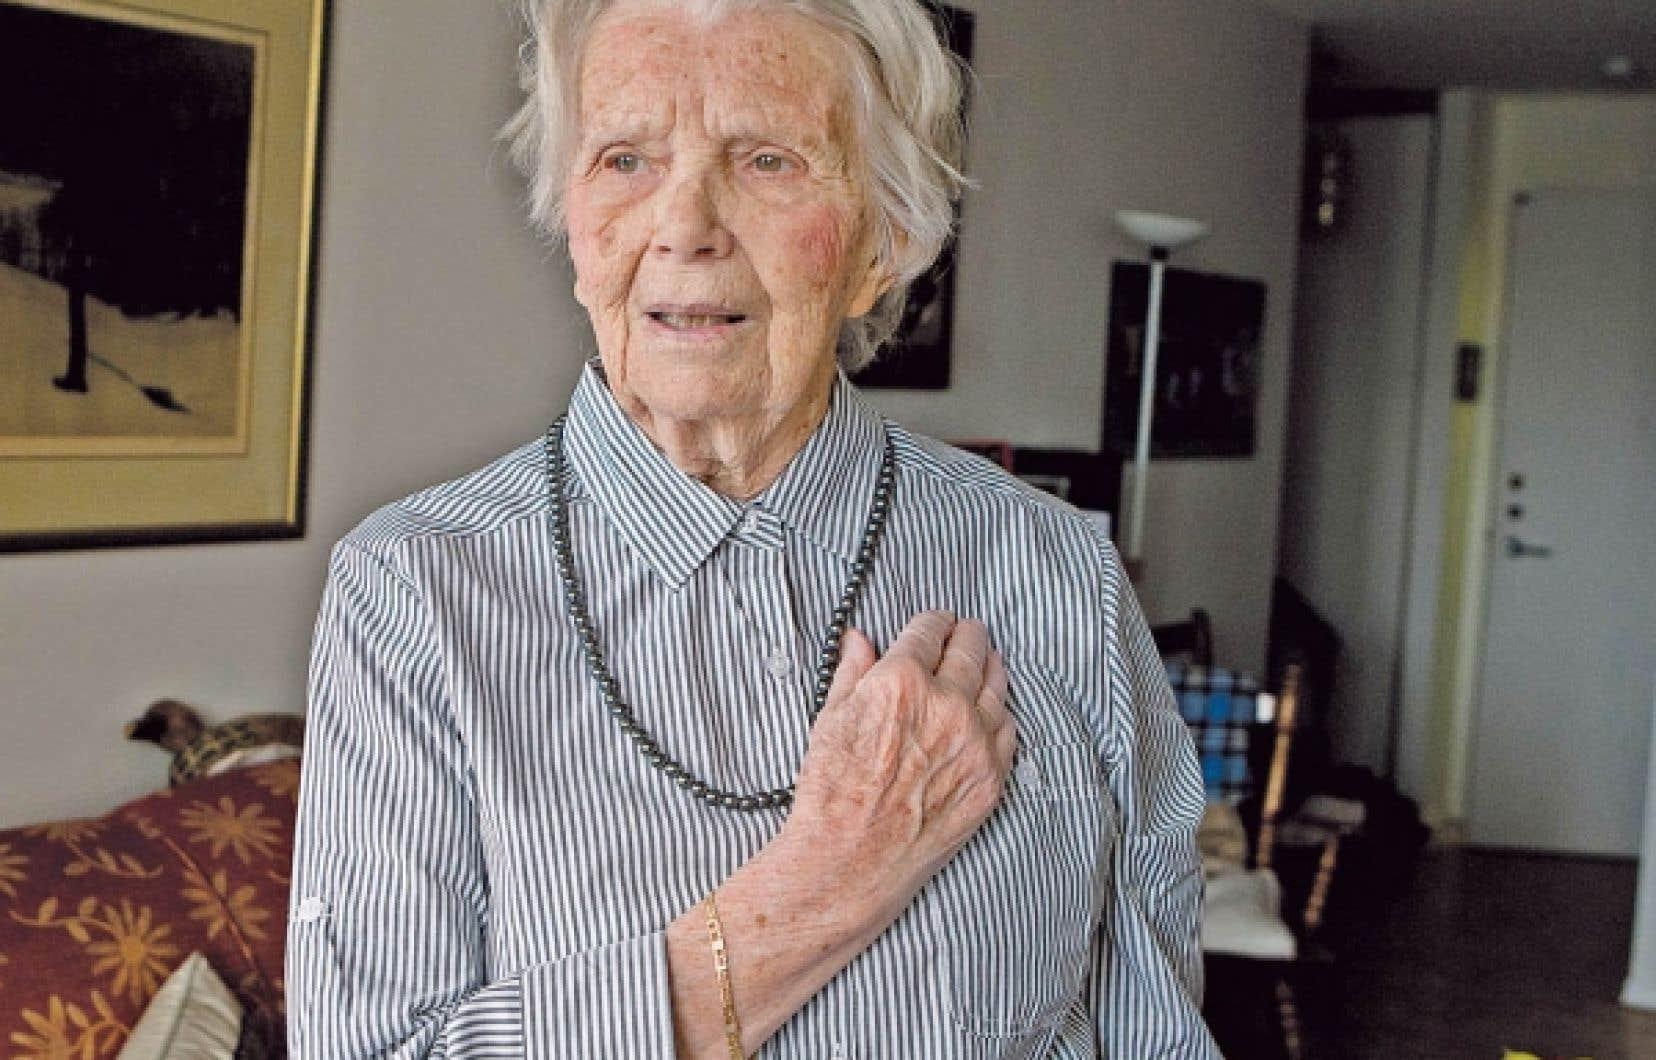 Une vie d'aventures à la dure, 12 enfants sur trois continents et aucun 8 mars à l'horizon, Monique Cardyn n'a pas chômé durant ses 90 années d'existence.